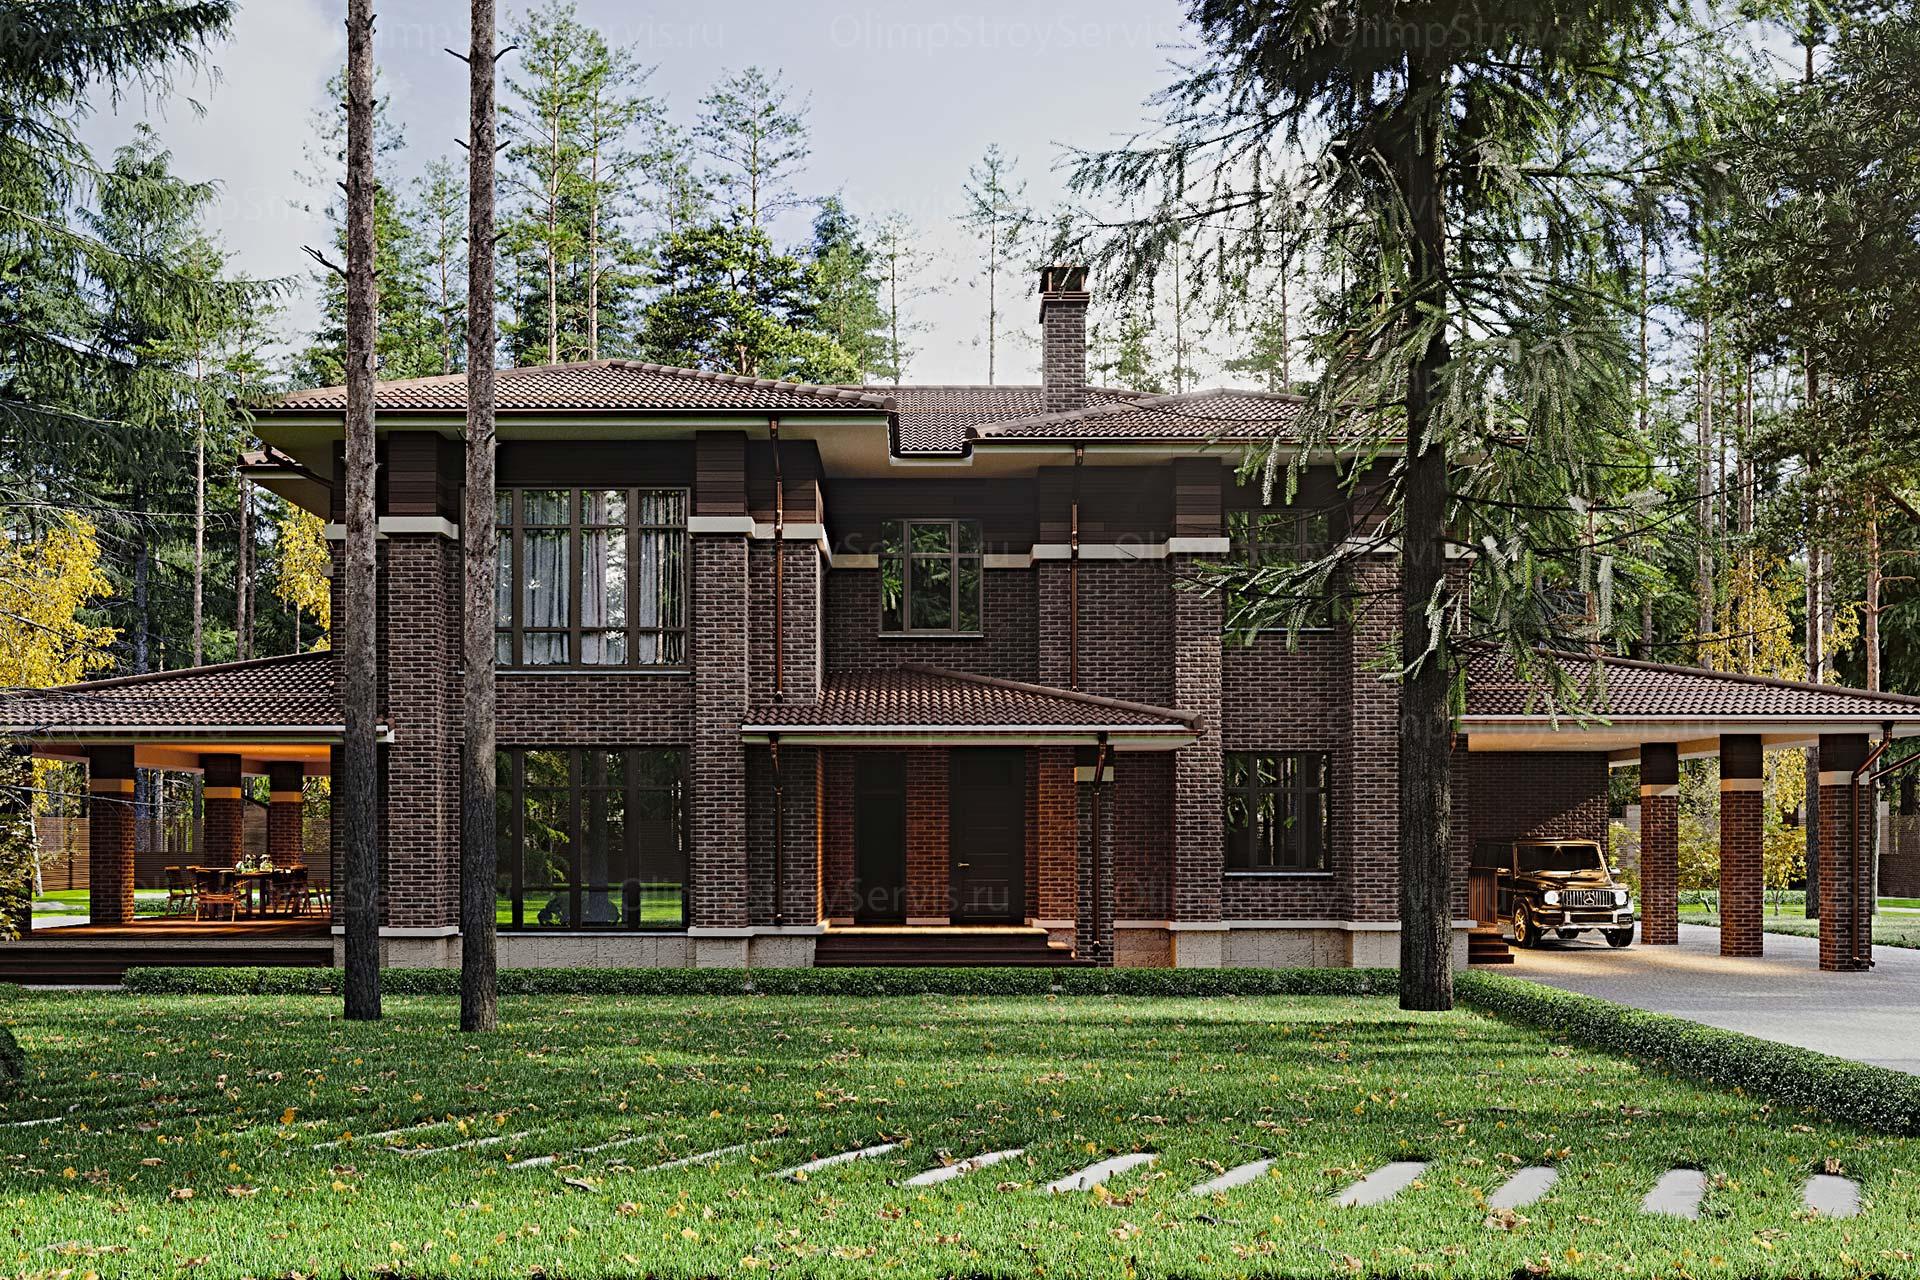 Двухэтажный дом в стиле Райта | КП Руза Фэмили Парк